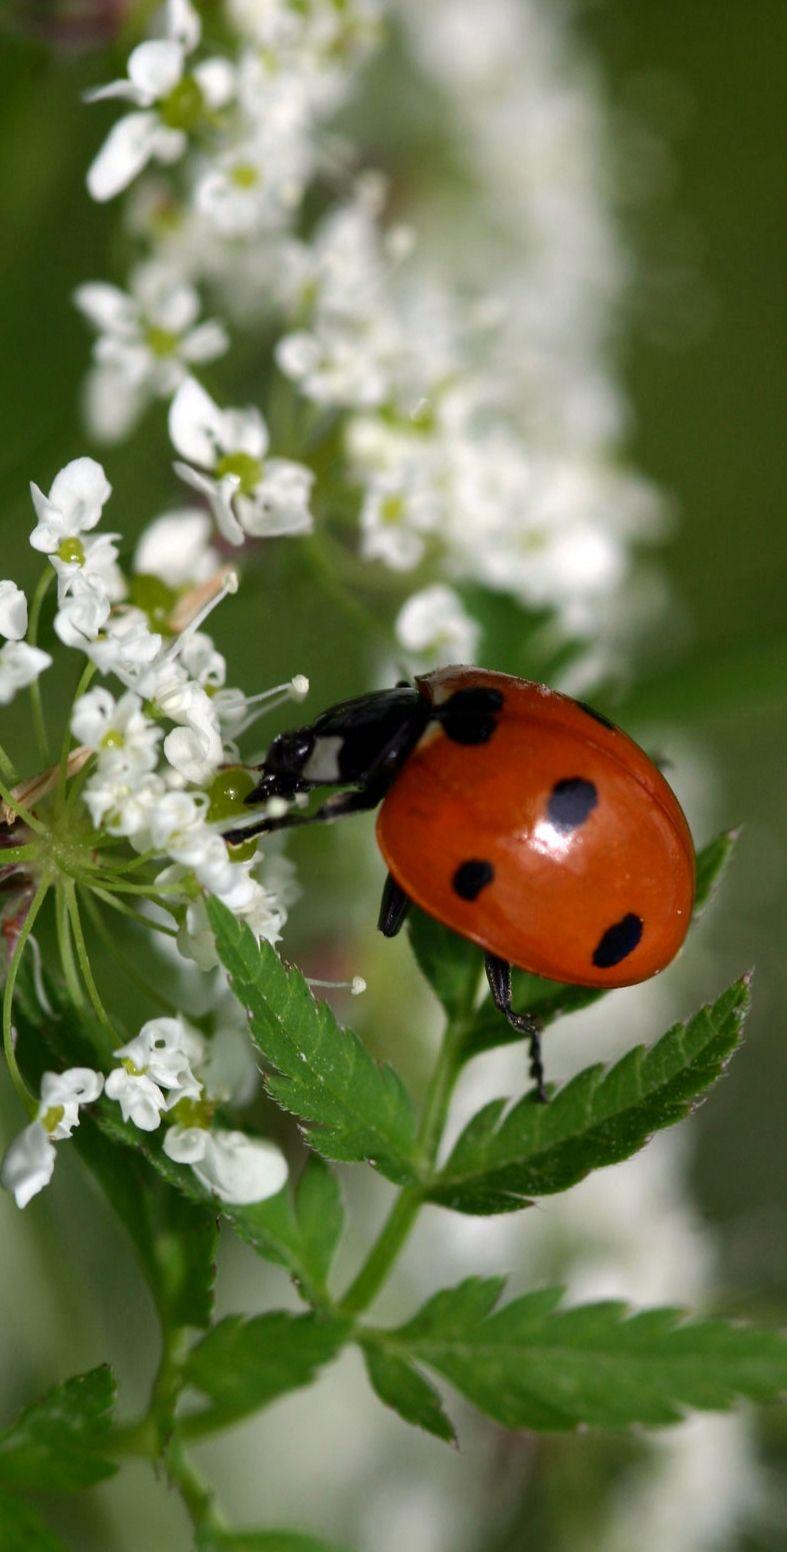 ladybug on white flower | Ladybug Land | Ladybug ...